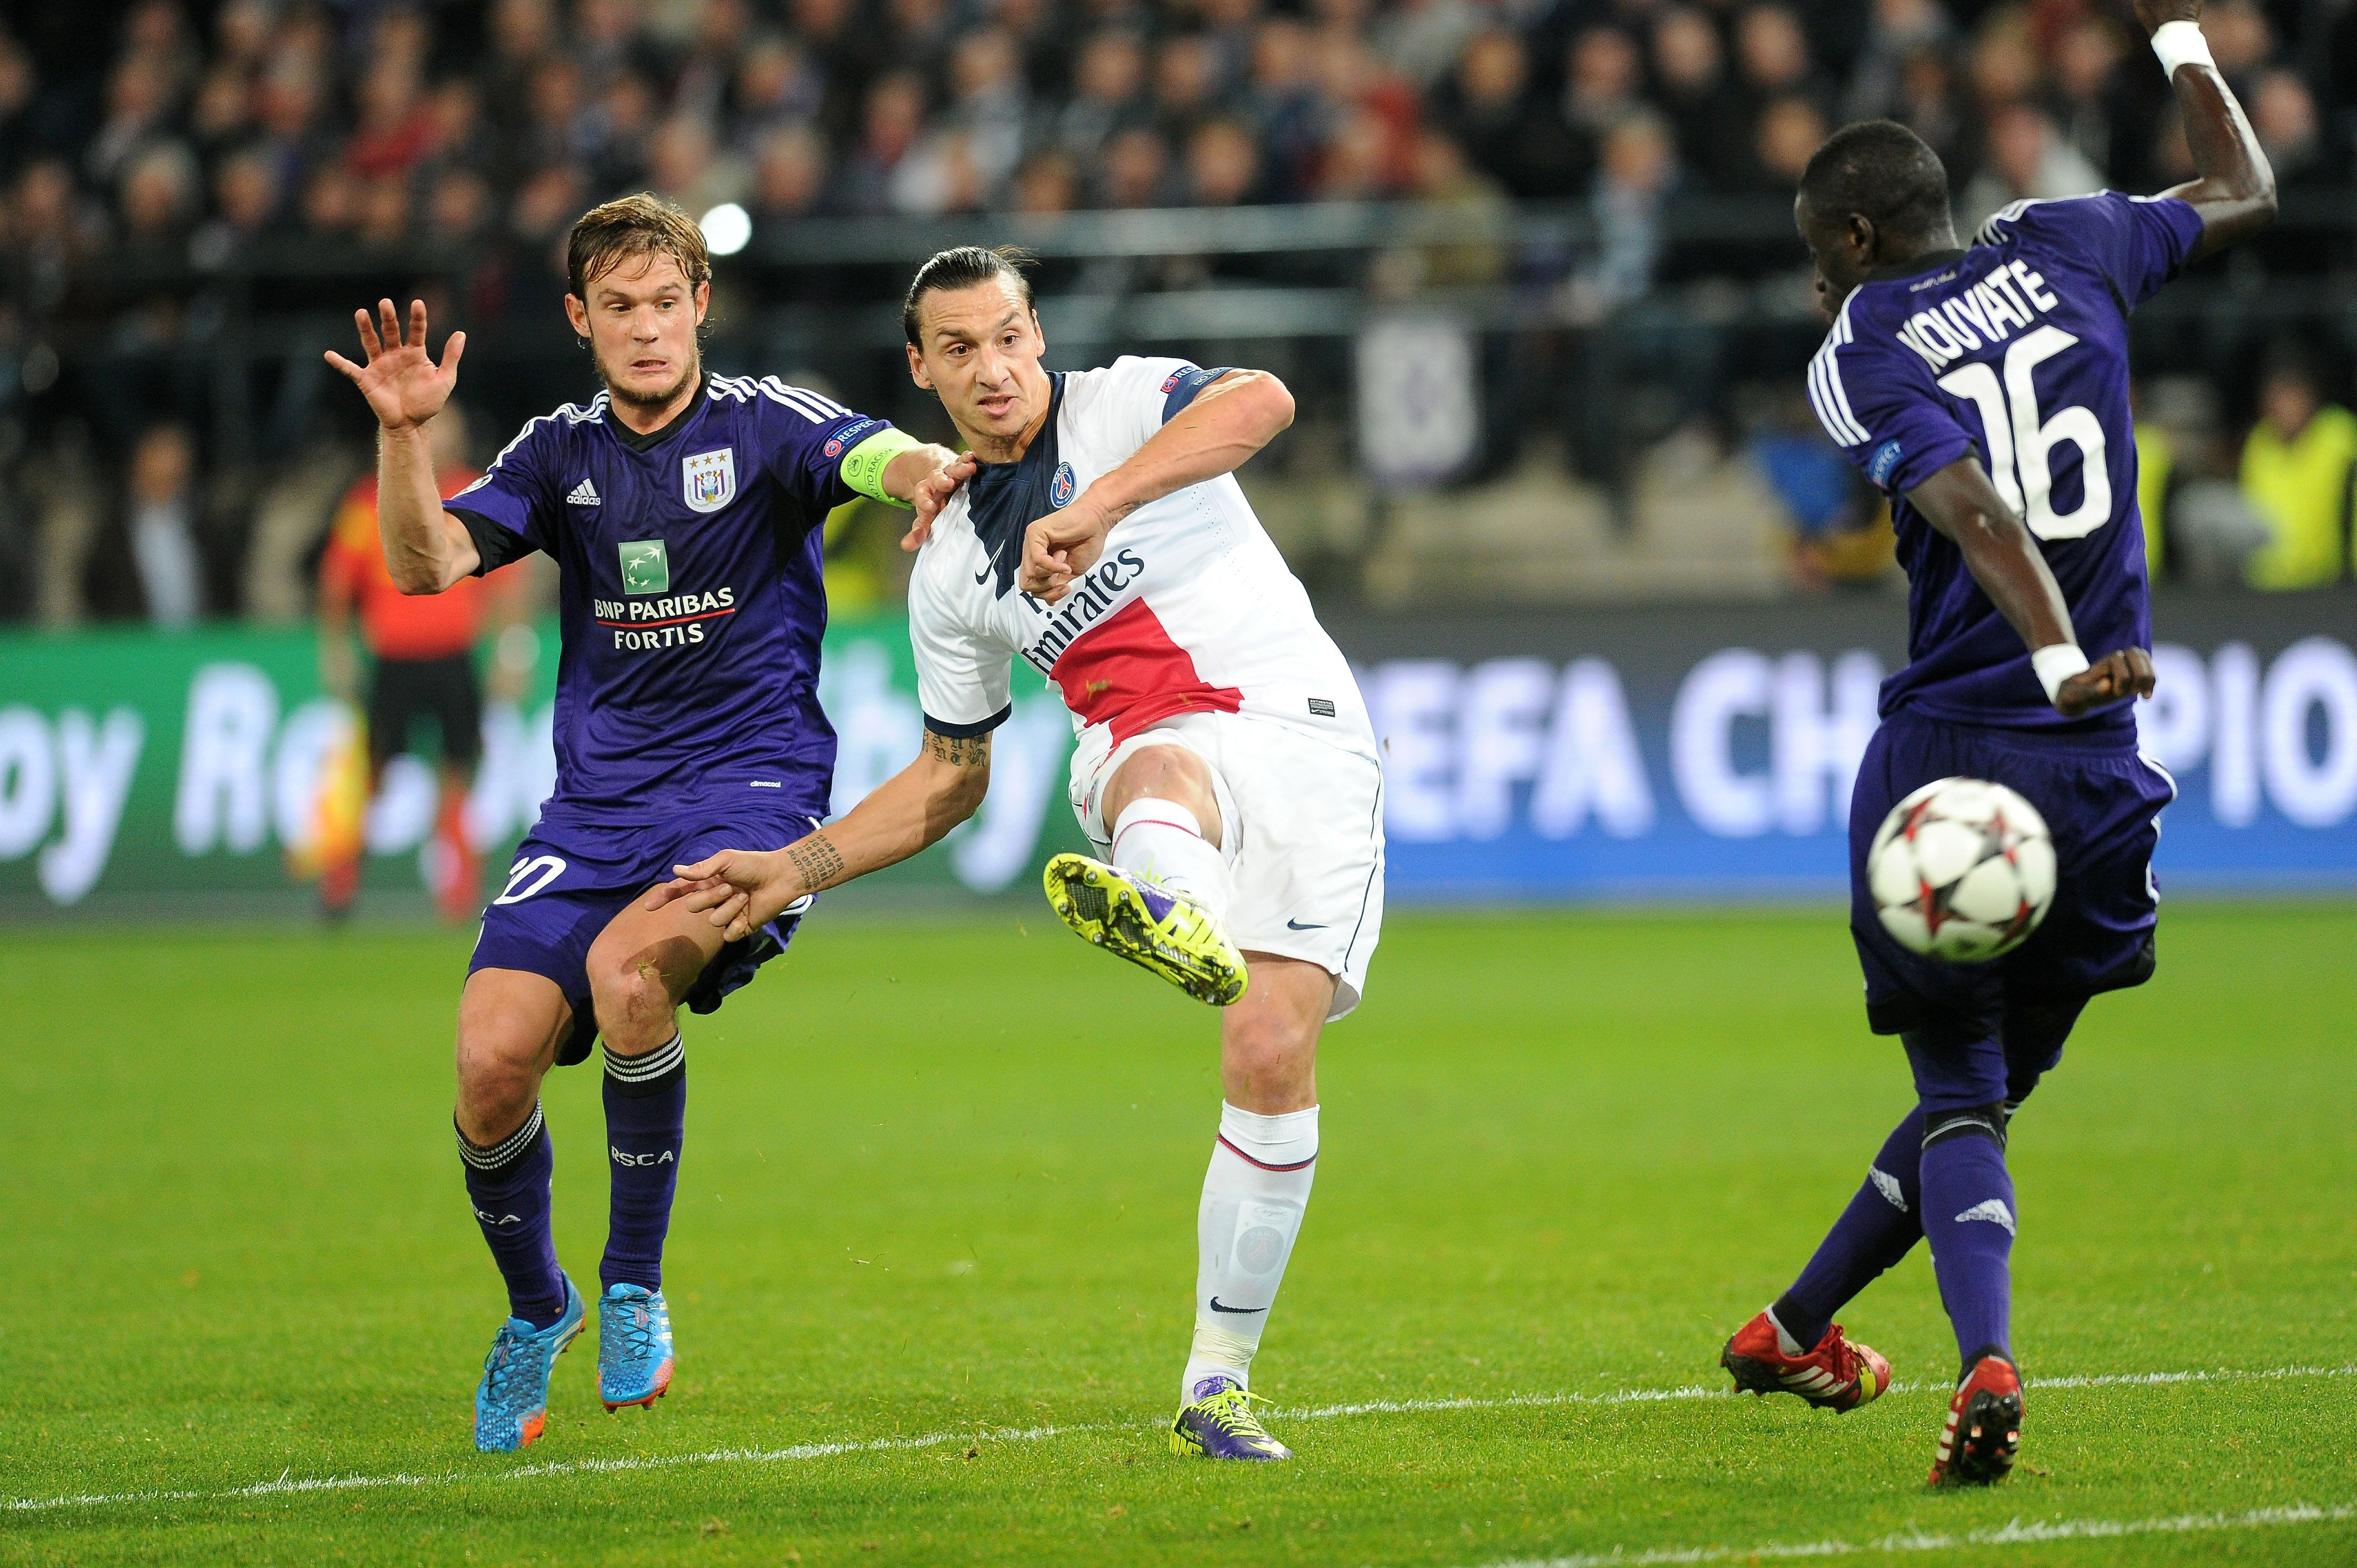 Football - Ligue des champions - De Waterschei à Anderlecht, les histoires belges du PSG (vidéo)